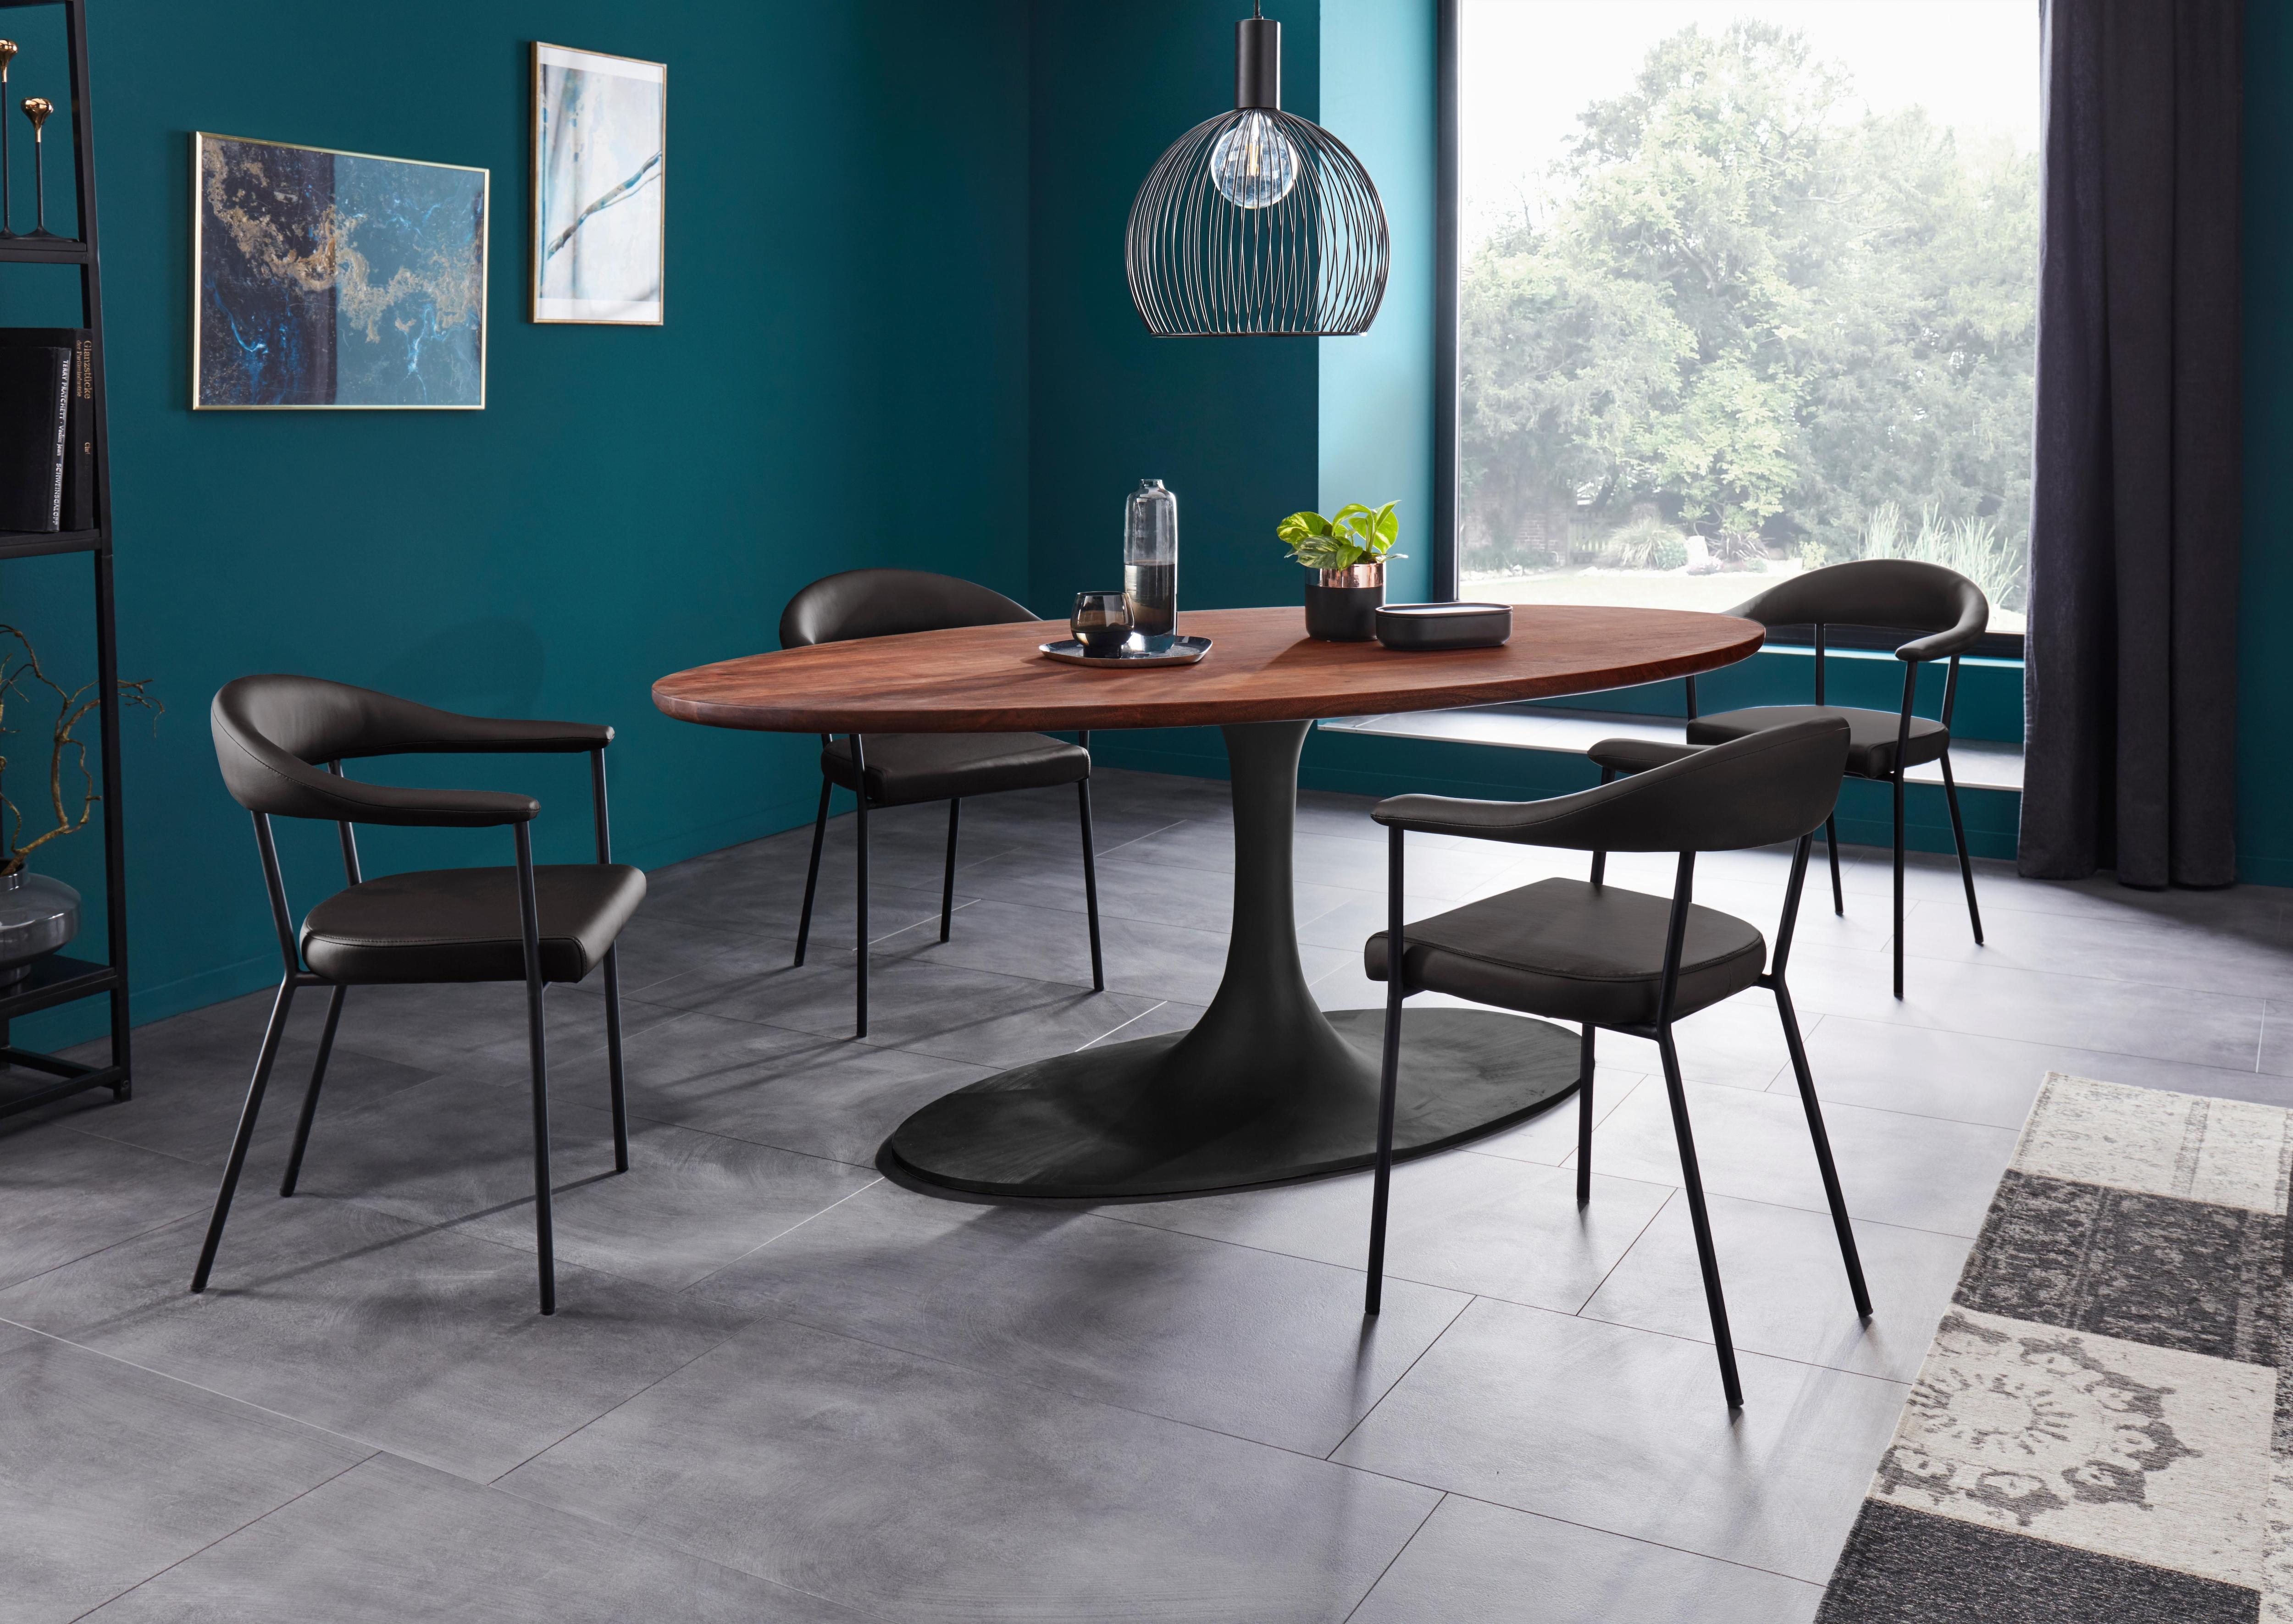 Places Of Style Esstisch Riis aus massivem Akazienholz und Metall in elegantem Design